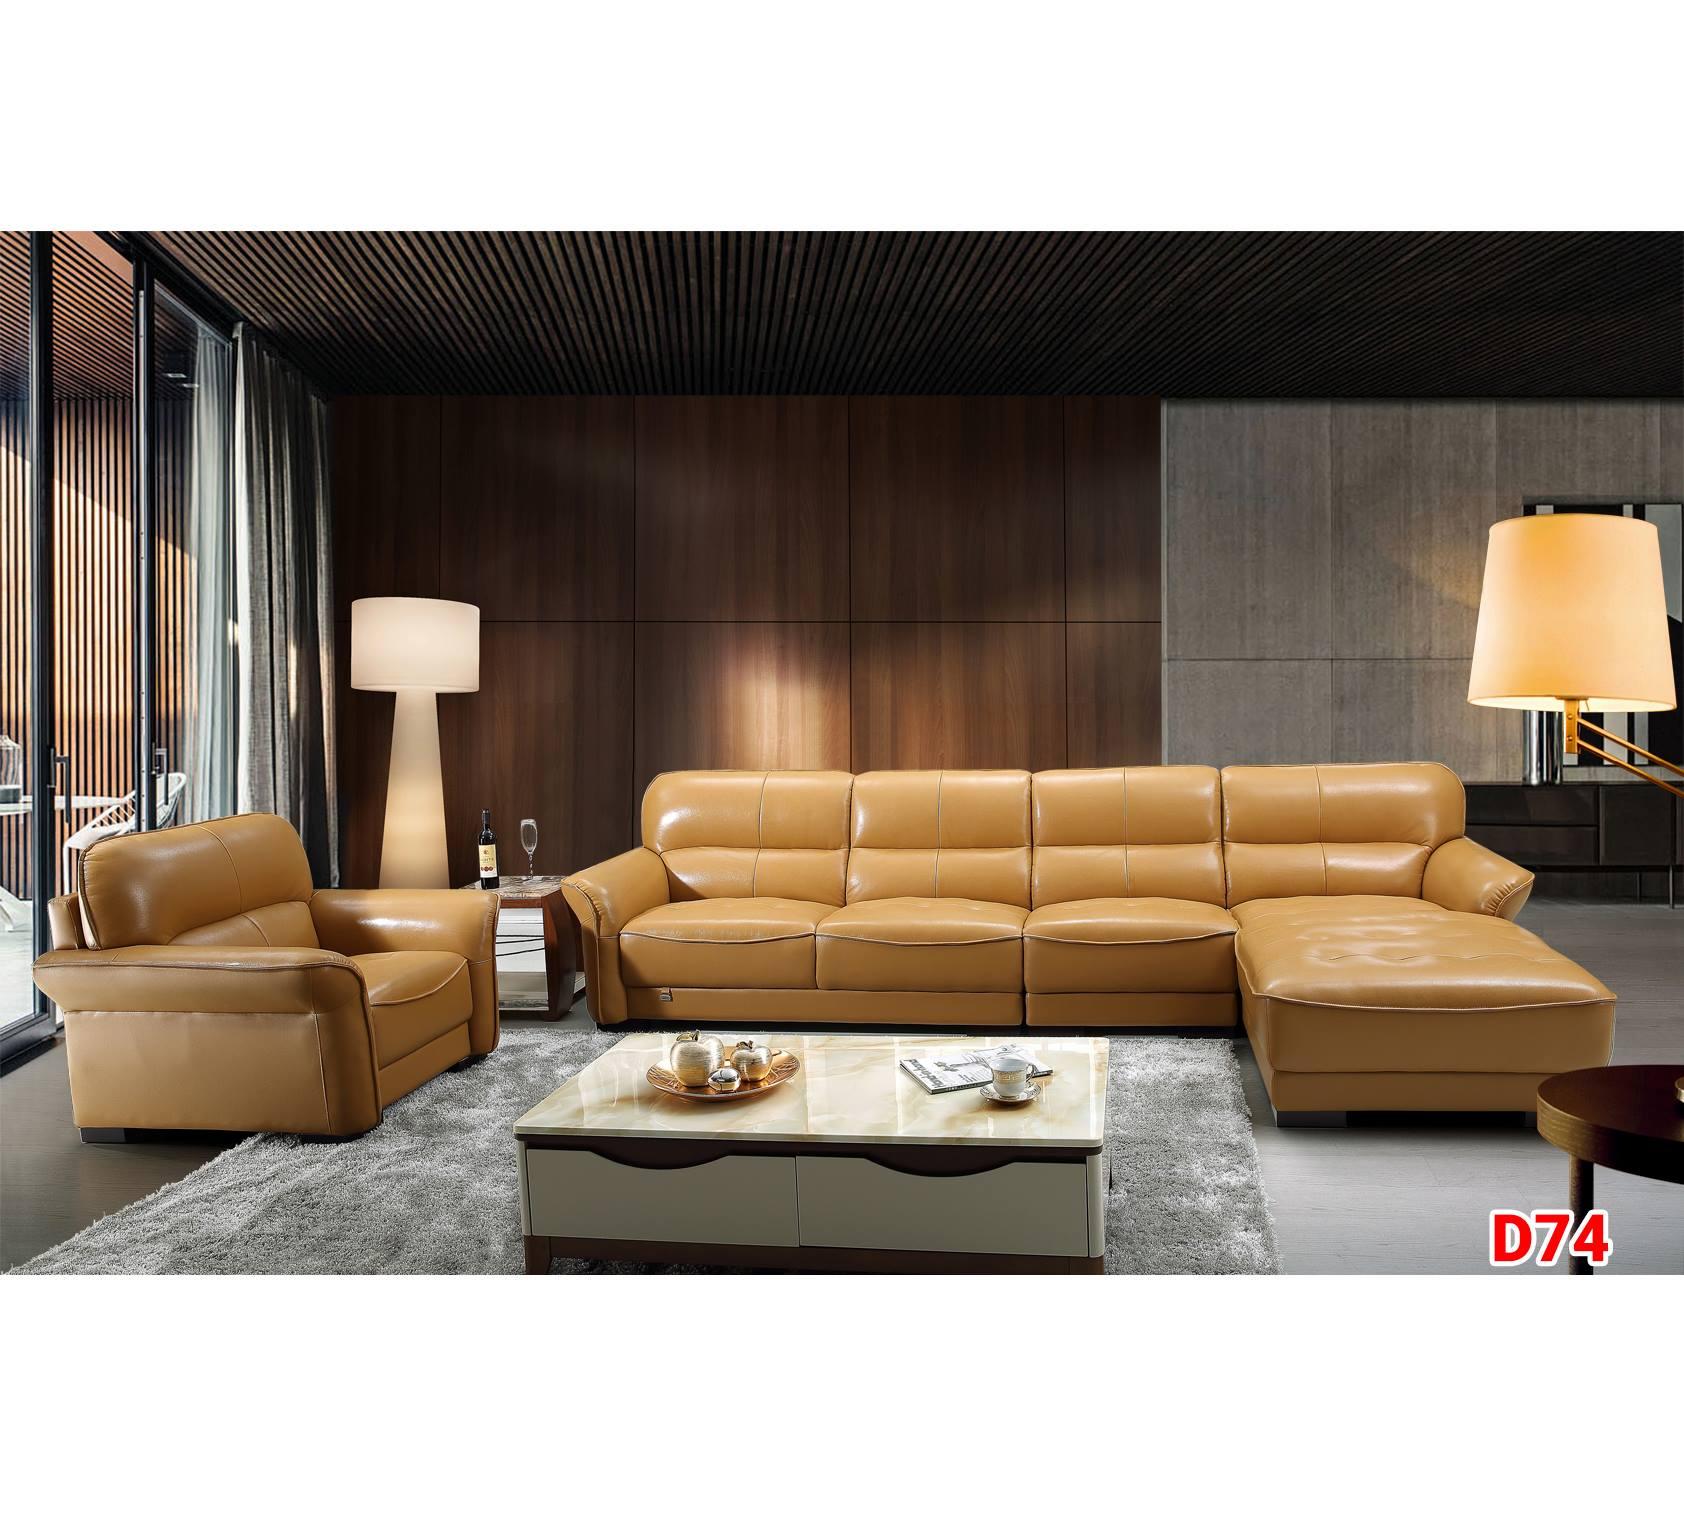 Ghế sofa da D74